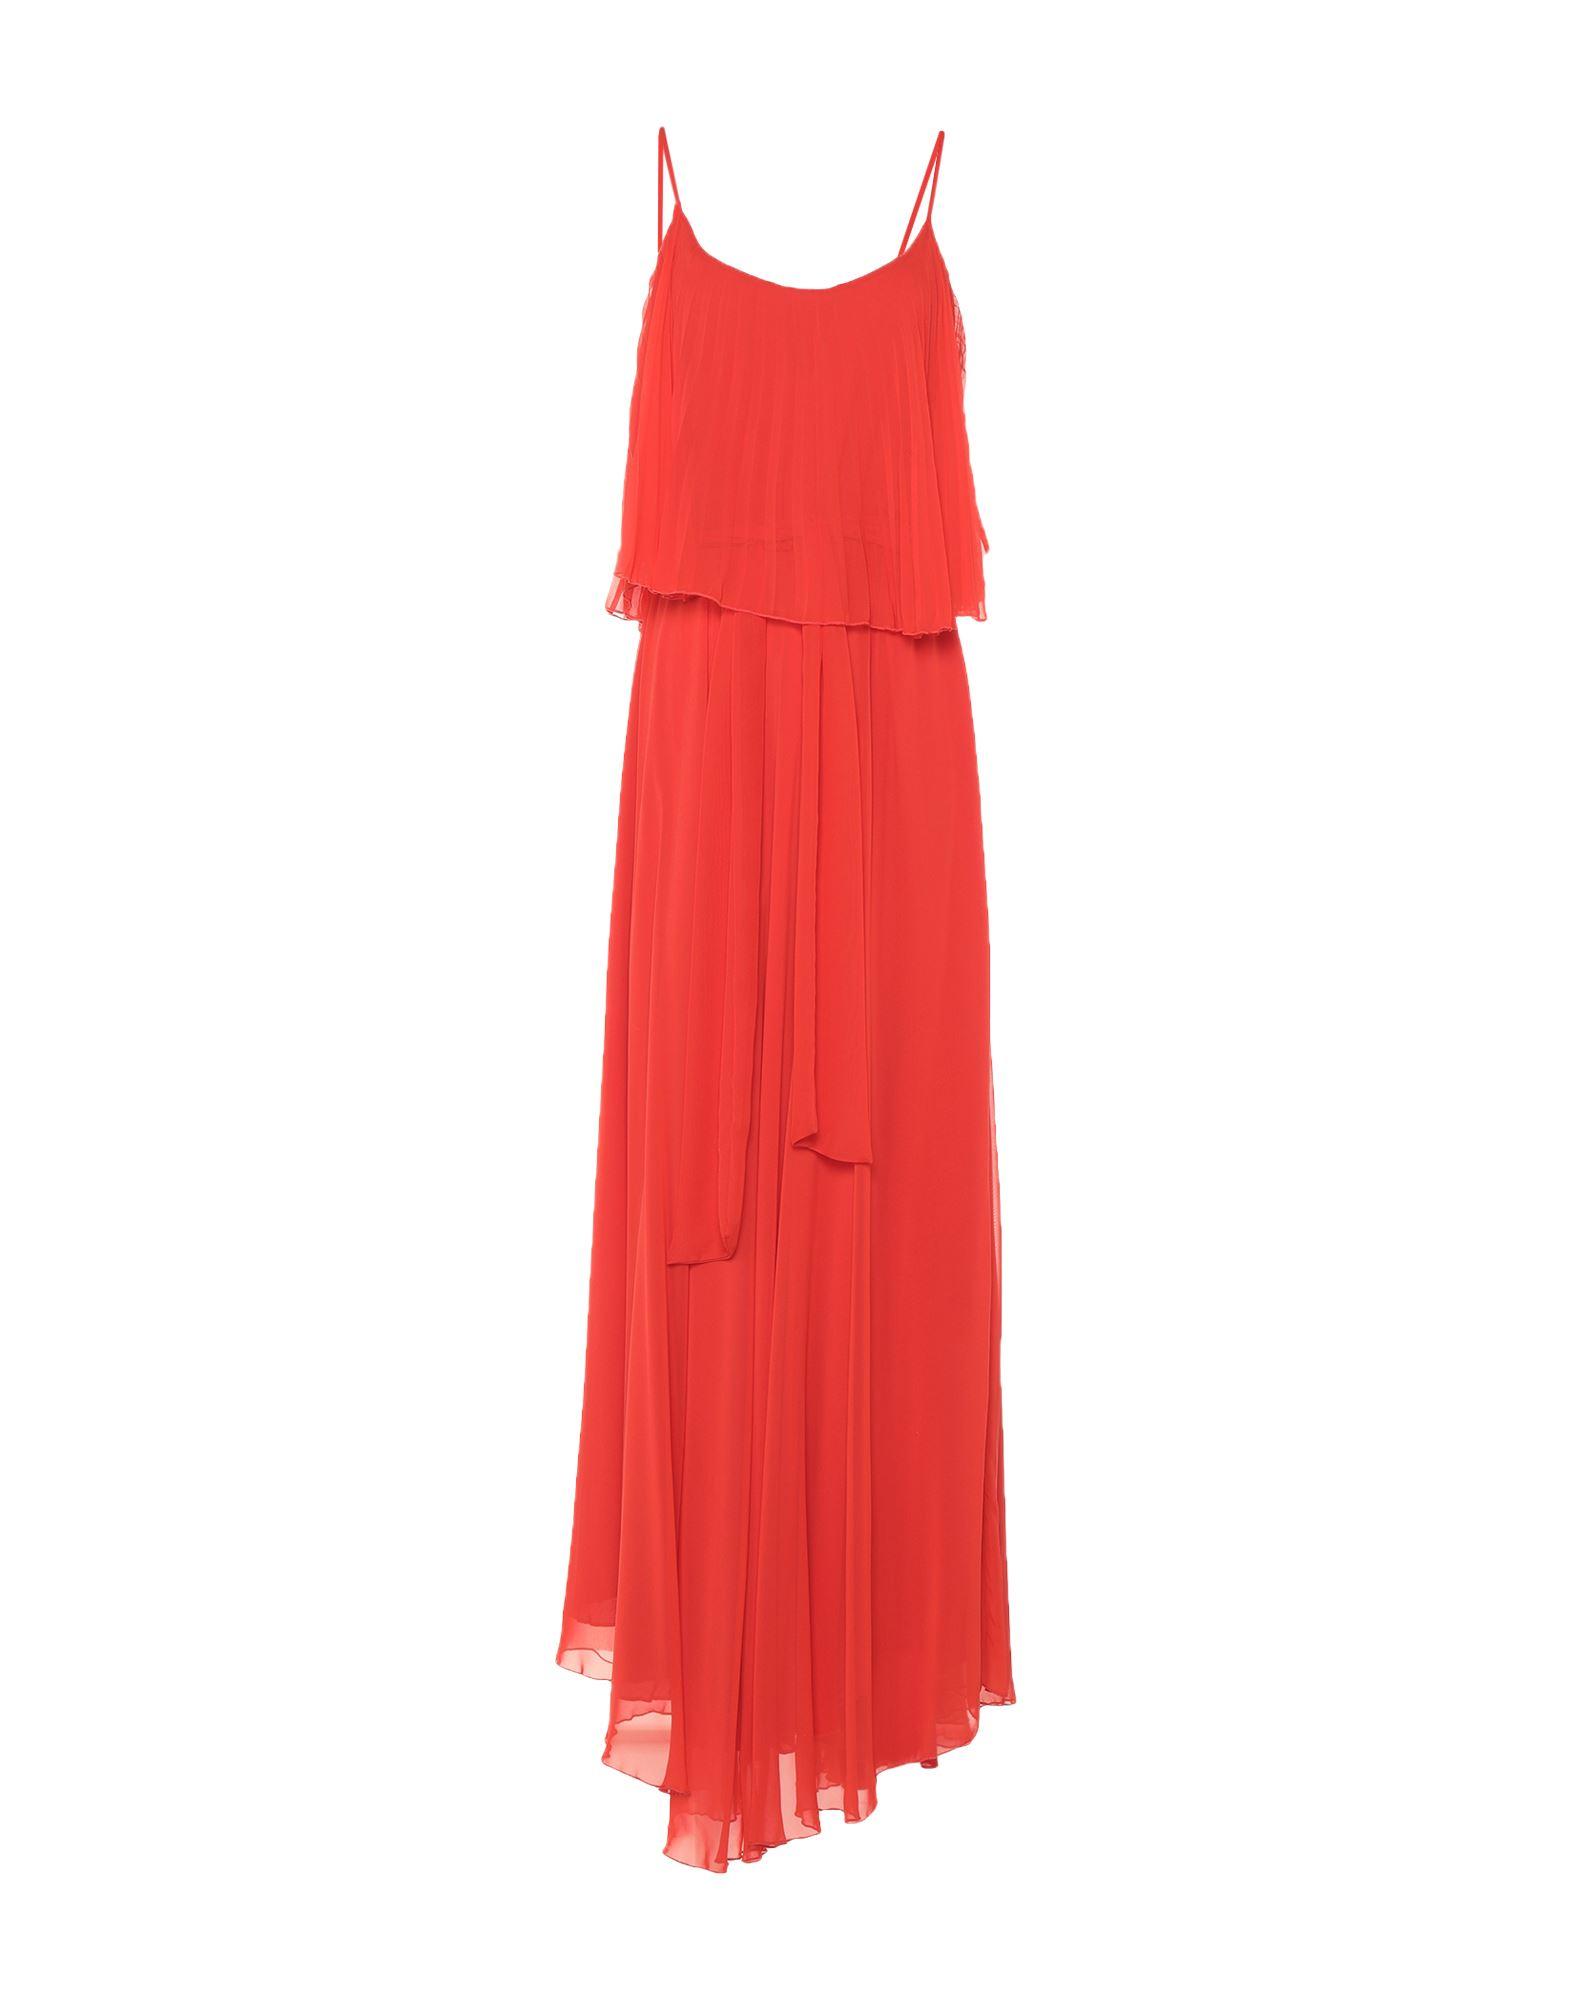 Фото - SANDRO FERRONE Длинное платье sandro ferrone футболка